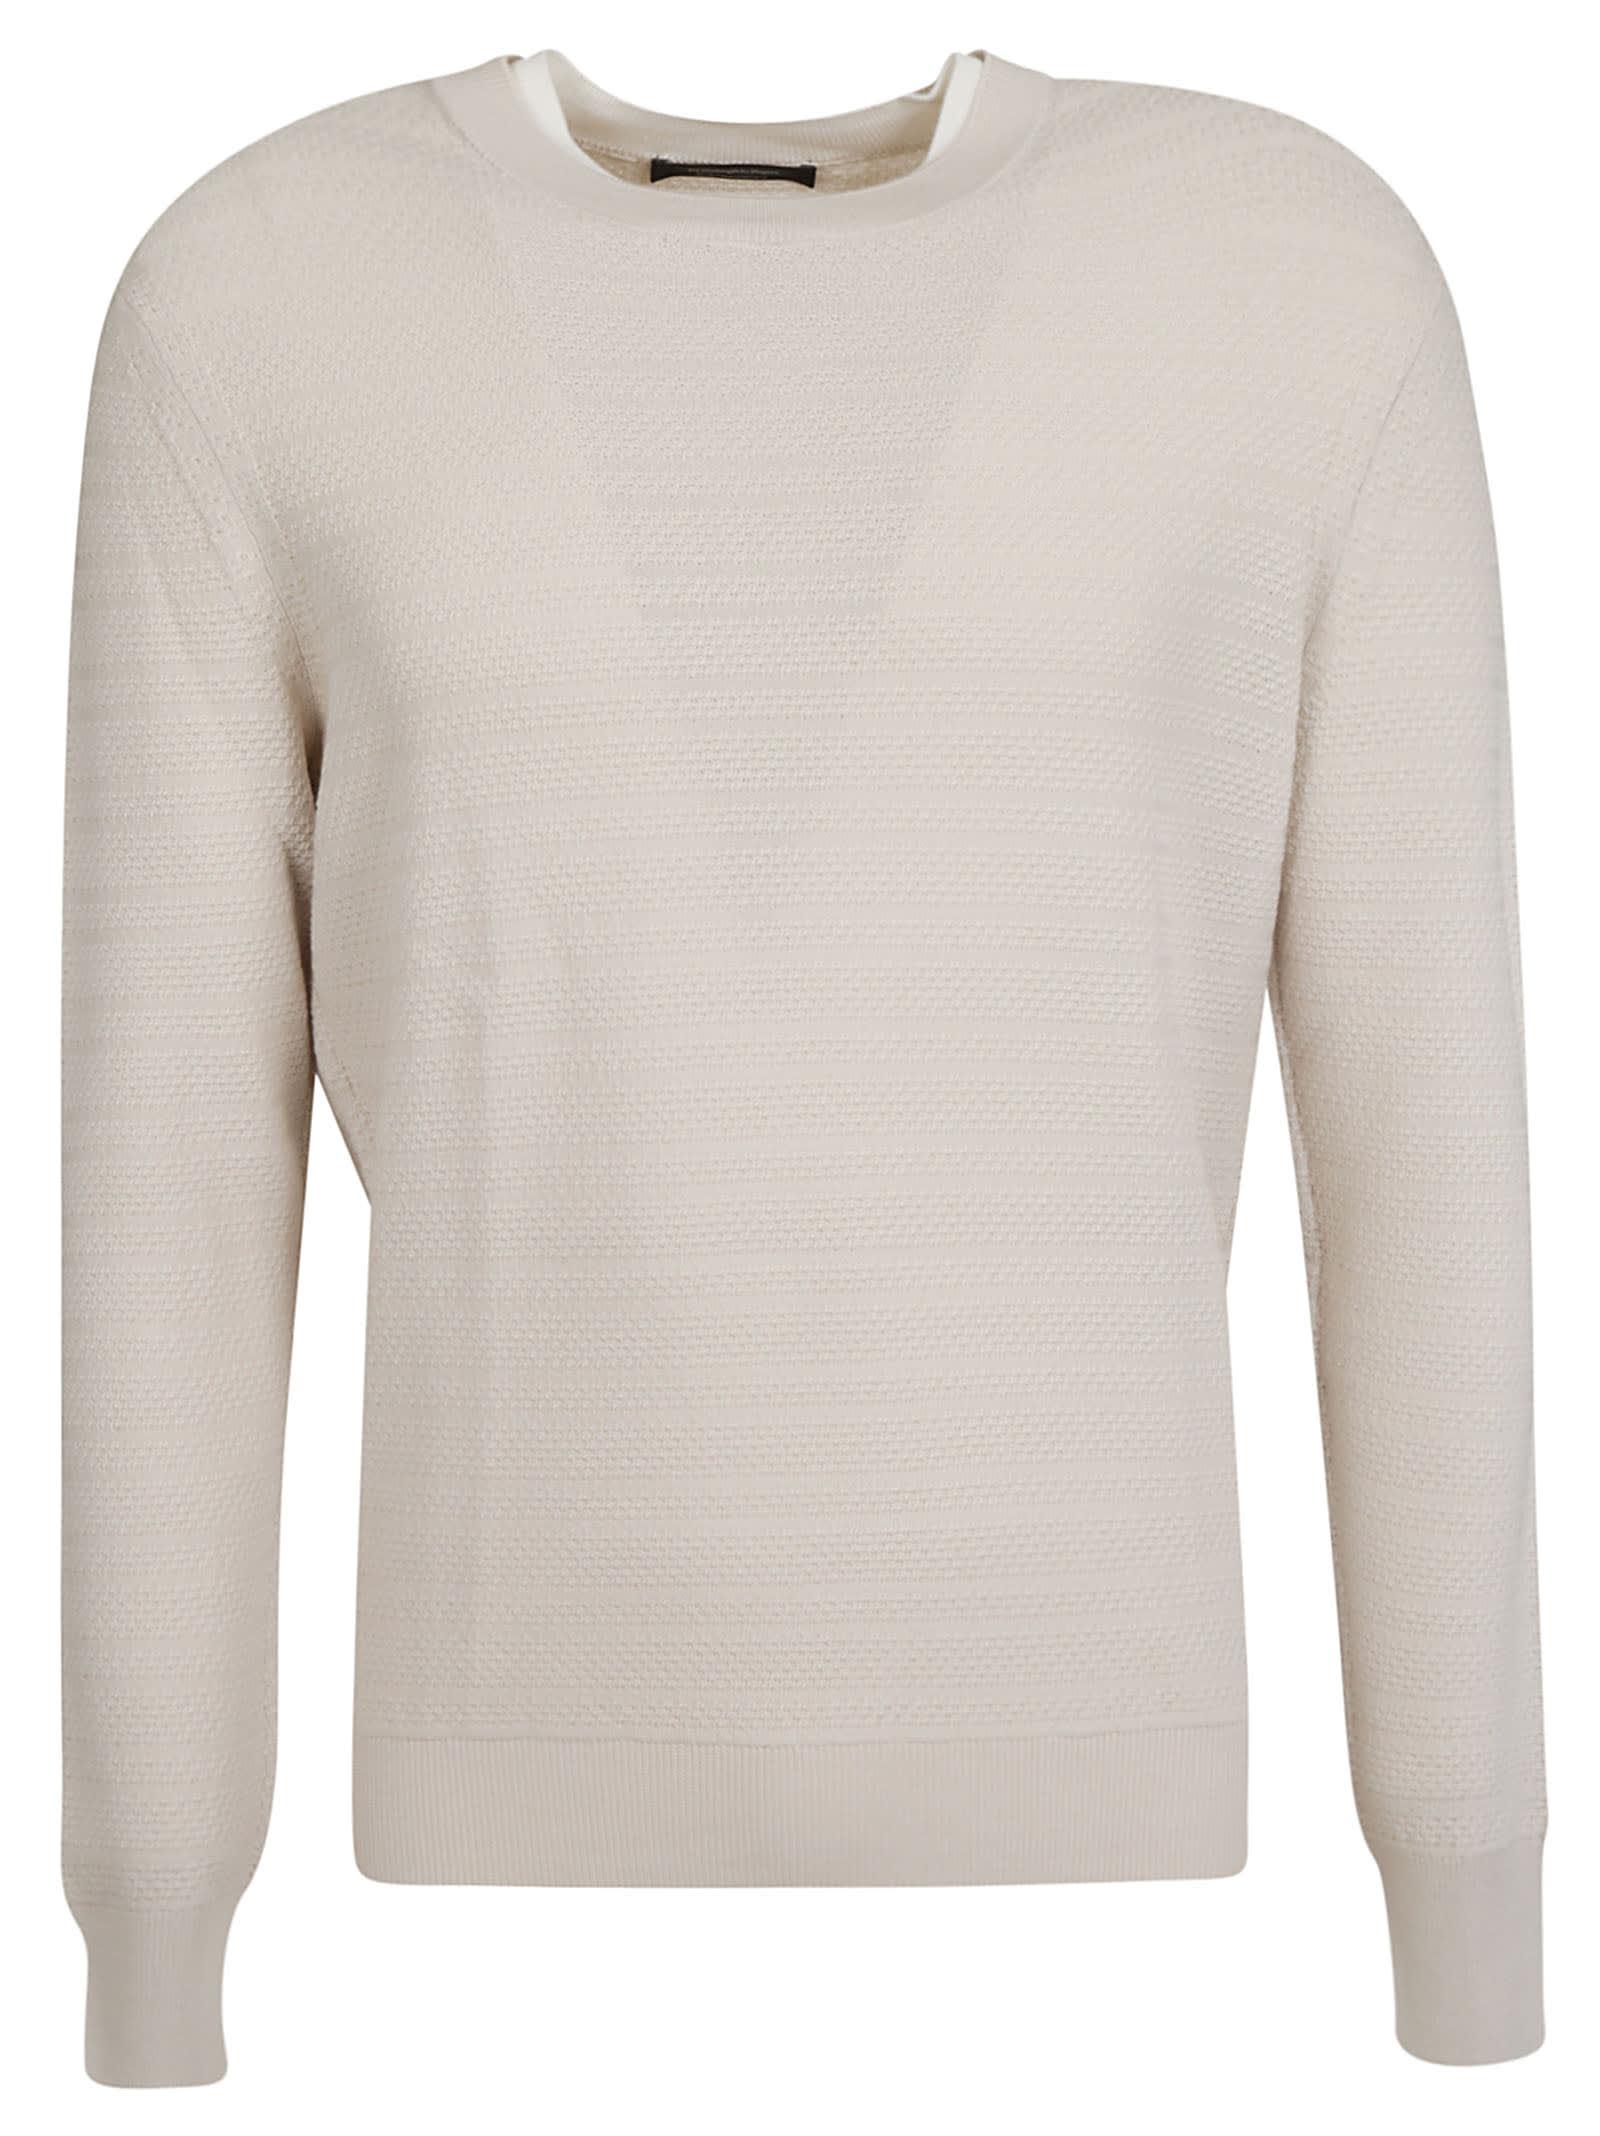 Ermenegildo Zegna Round Neck Sweater